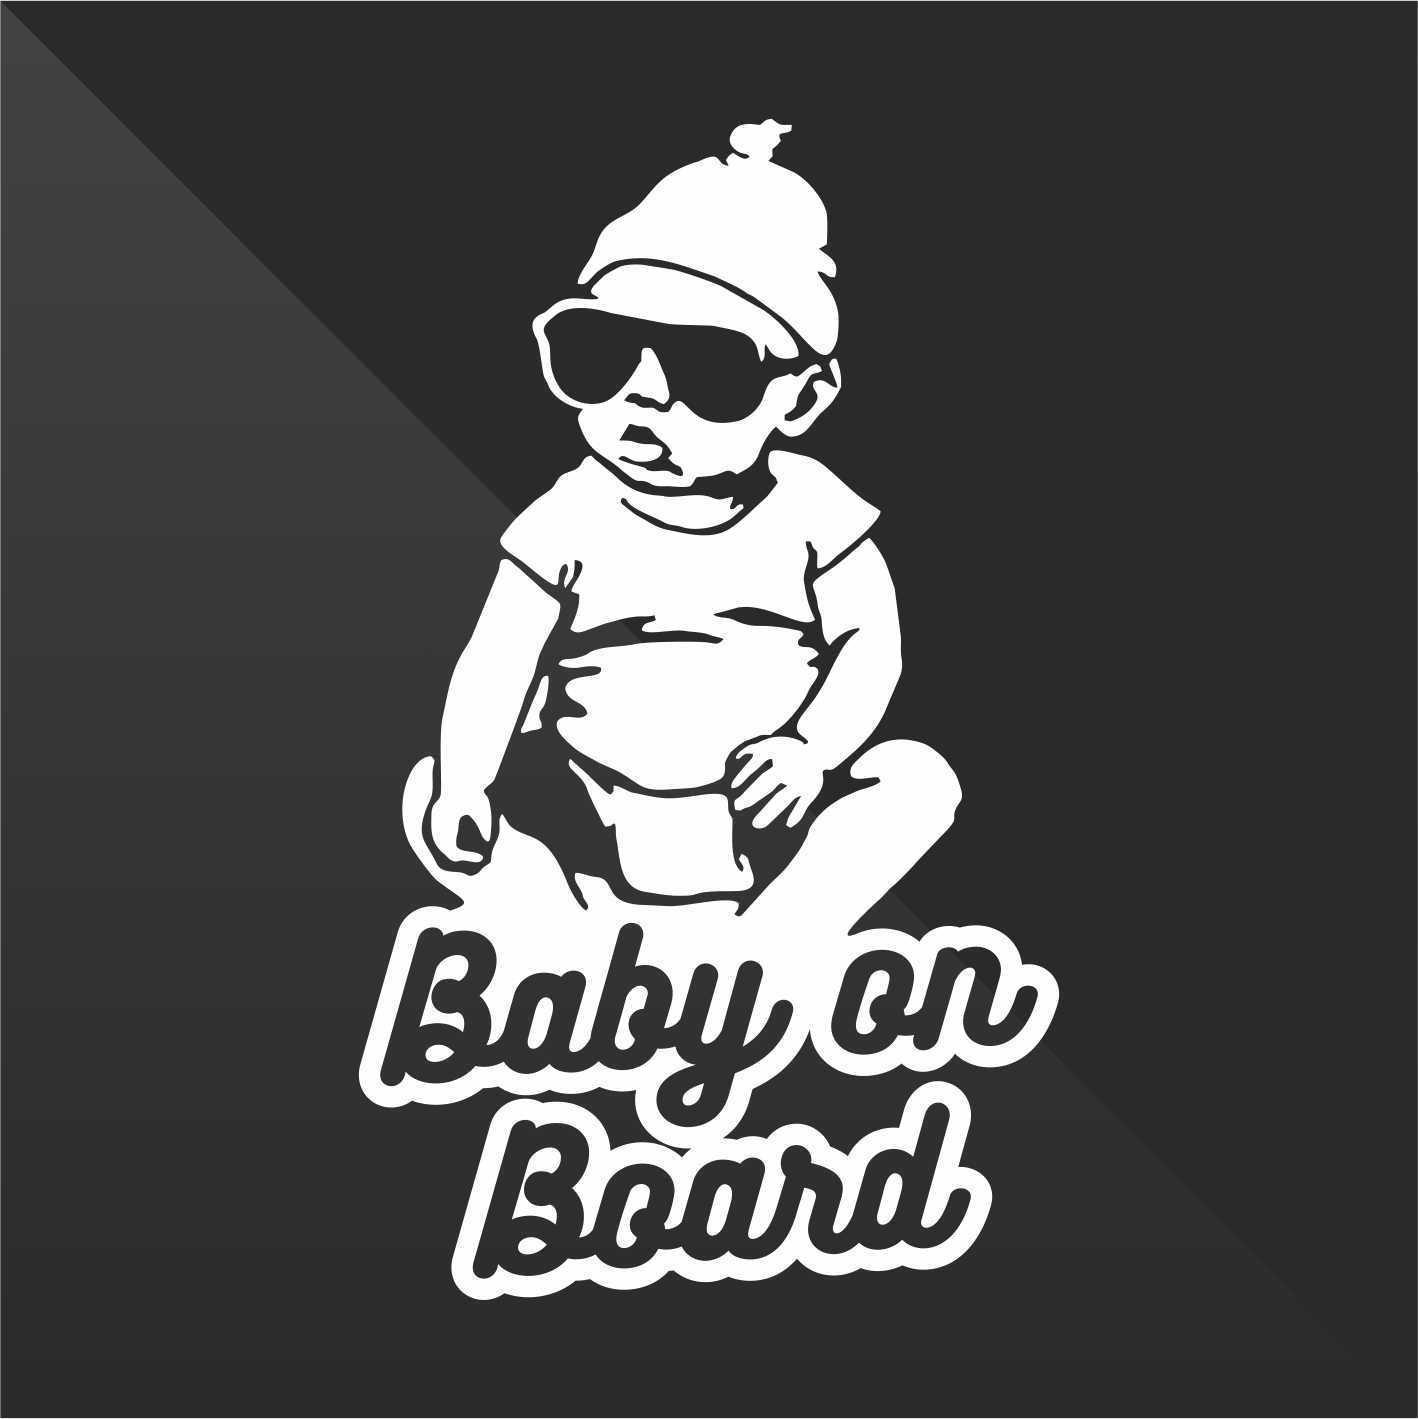 Sticker Bambini a bordo Baby on board bébé à bord bebé a bordo Baby an Bord - Decal Auto Moto Casco Wall Camper Bike Adesivo Adhesive Autocollant Pegatina Aufkleber - cm 11